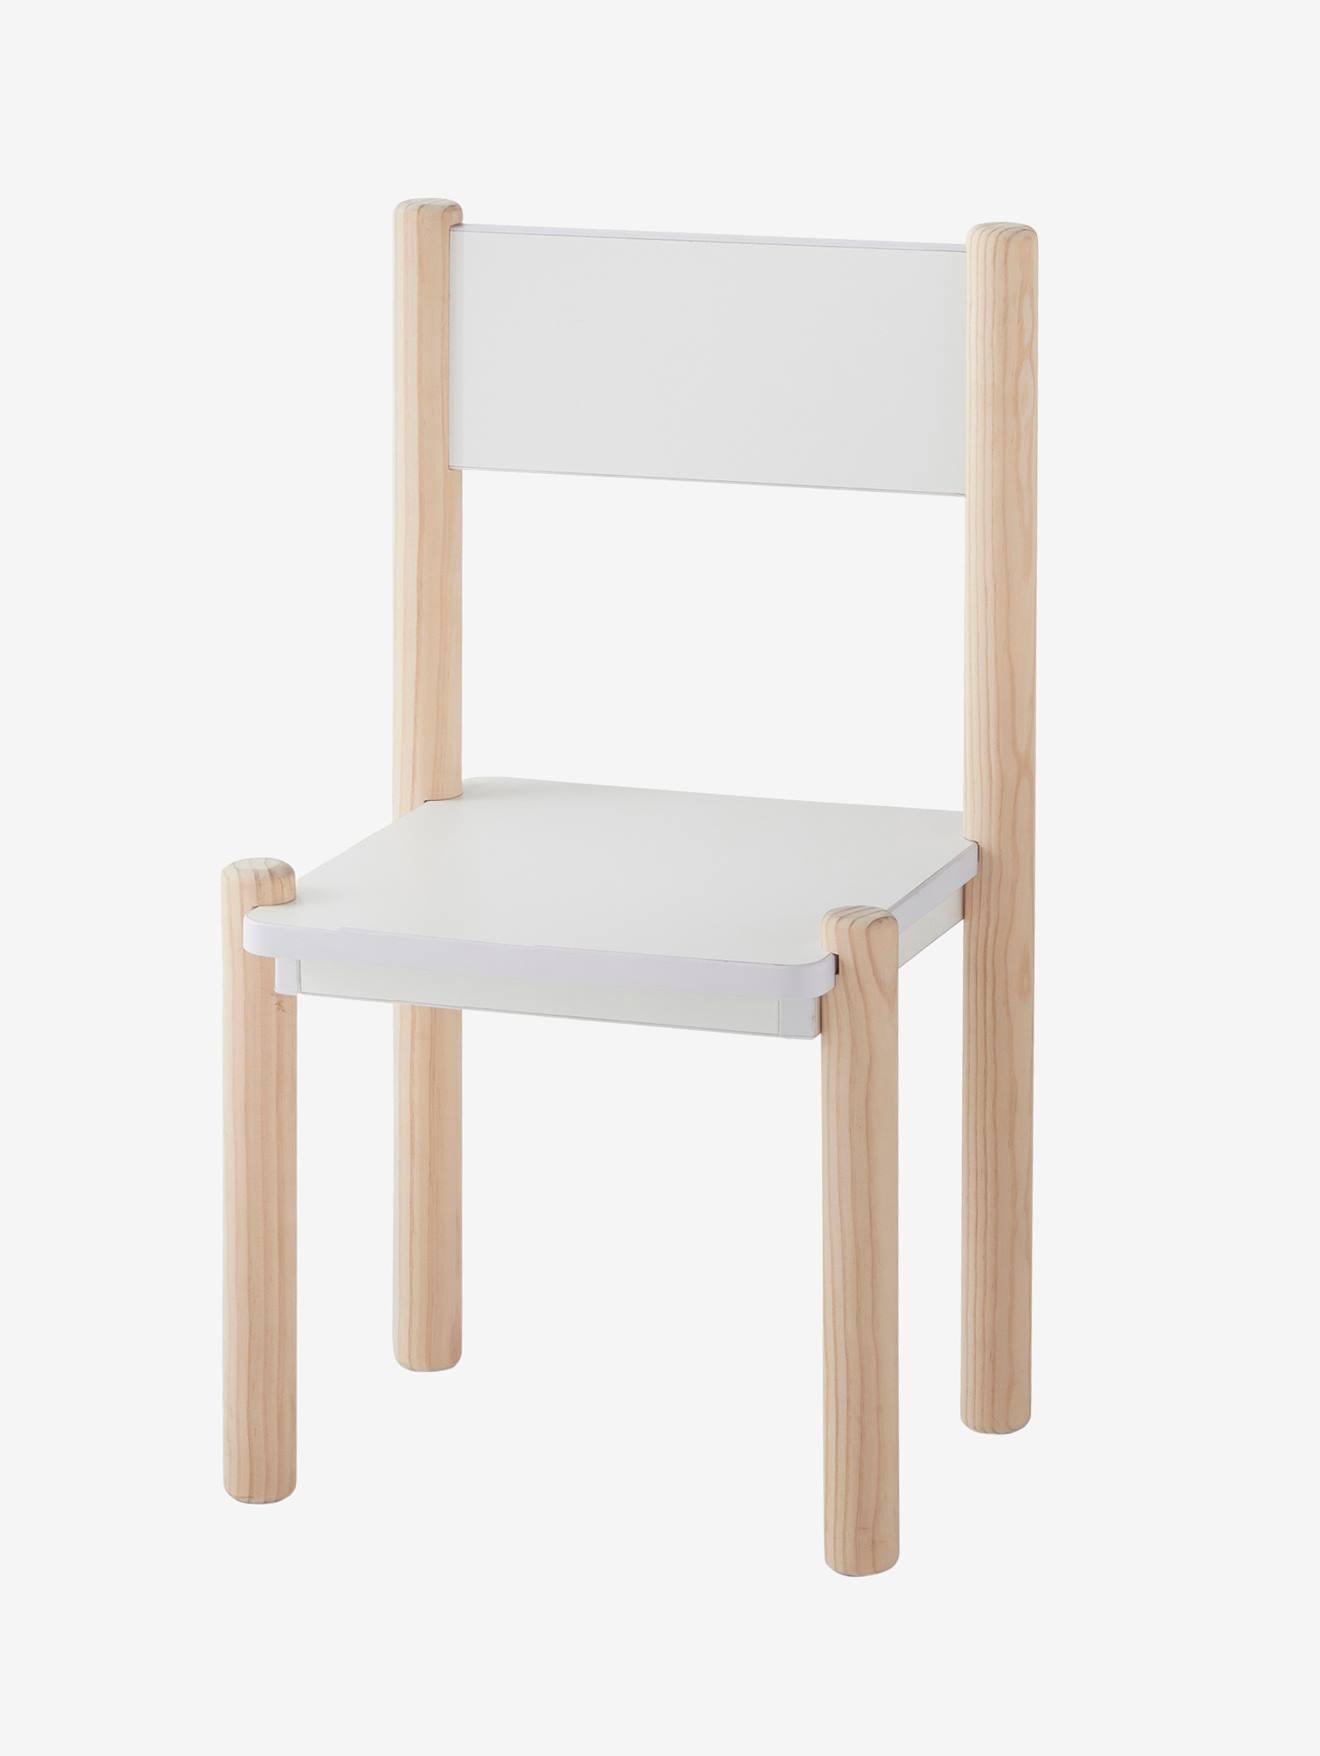 Chaise Maternelle Pour Table De Jeu Ligne Woody Blanc - Bois - Vertbaudet pour Jeux Maternelle En Ligne